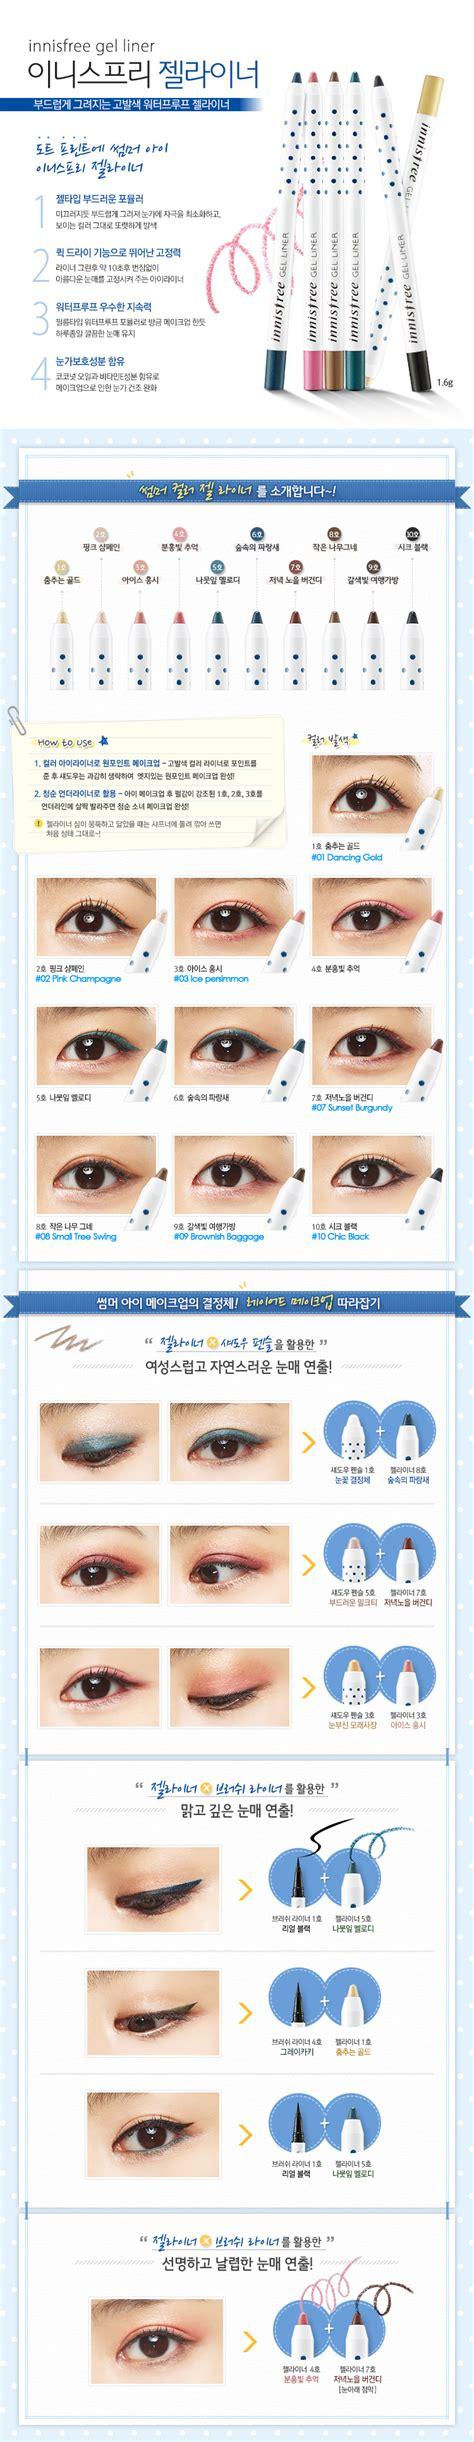 Innisfree Gel Liner Black innisfree gel liner 1 6g 11street my eyeliners